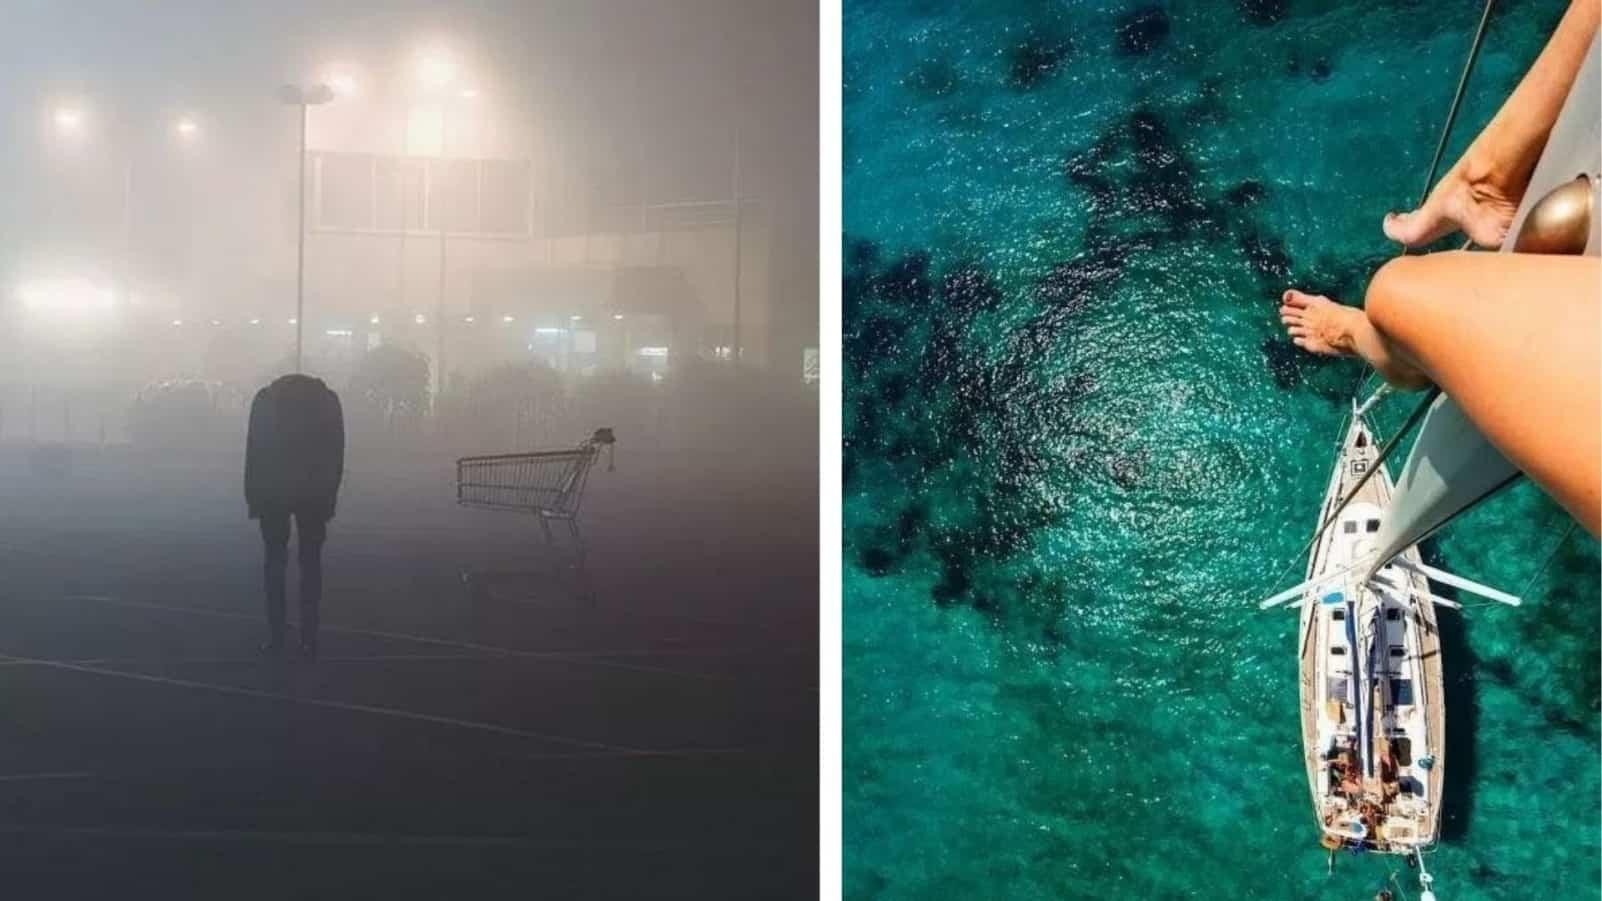 15 фотографий, после просмотра которых можно стать заикой